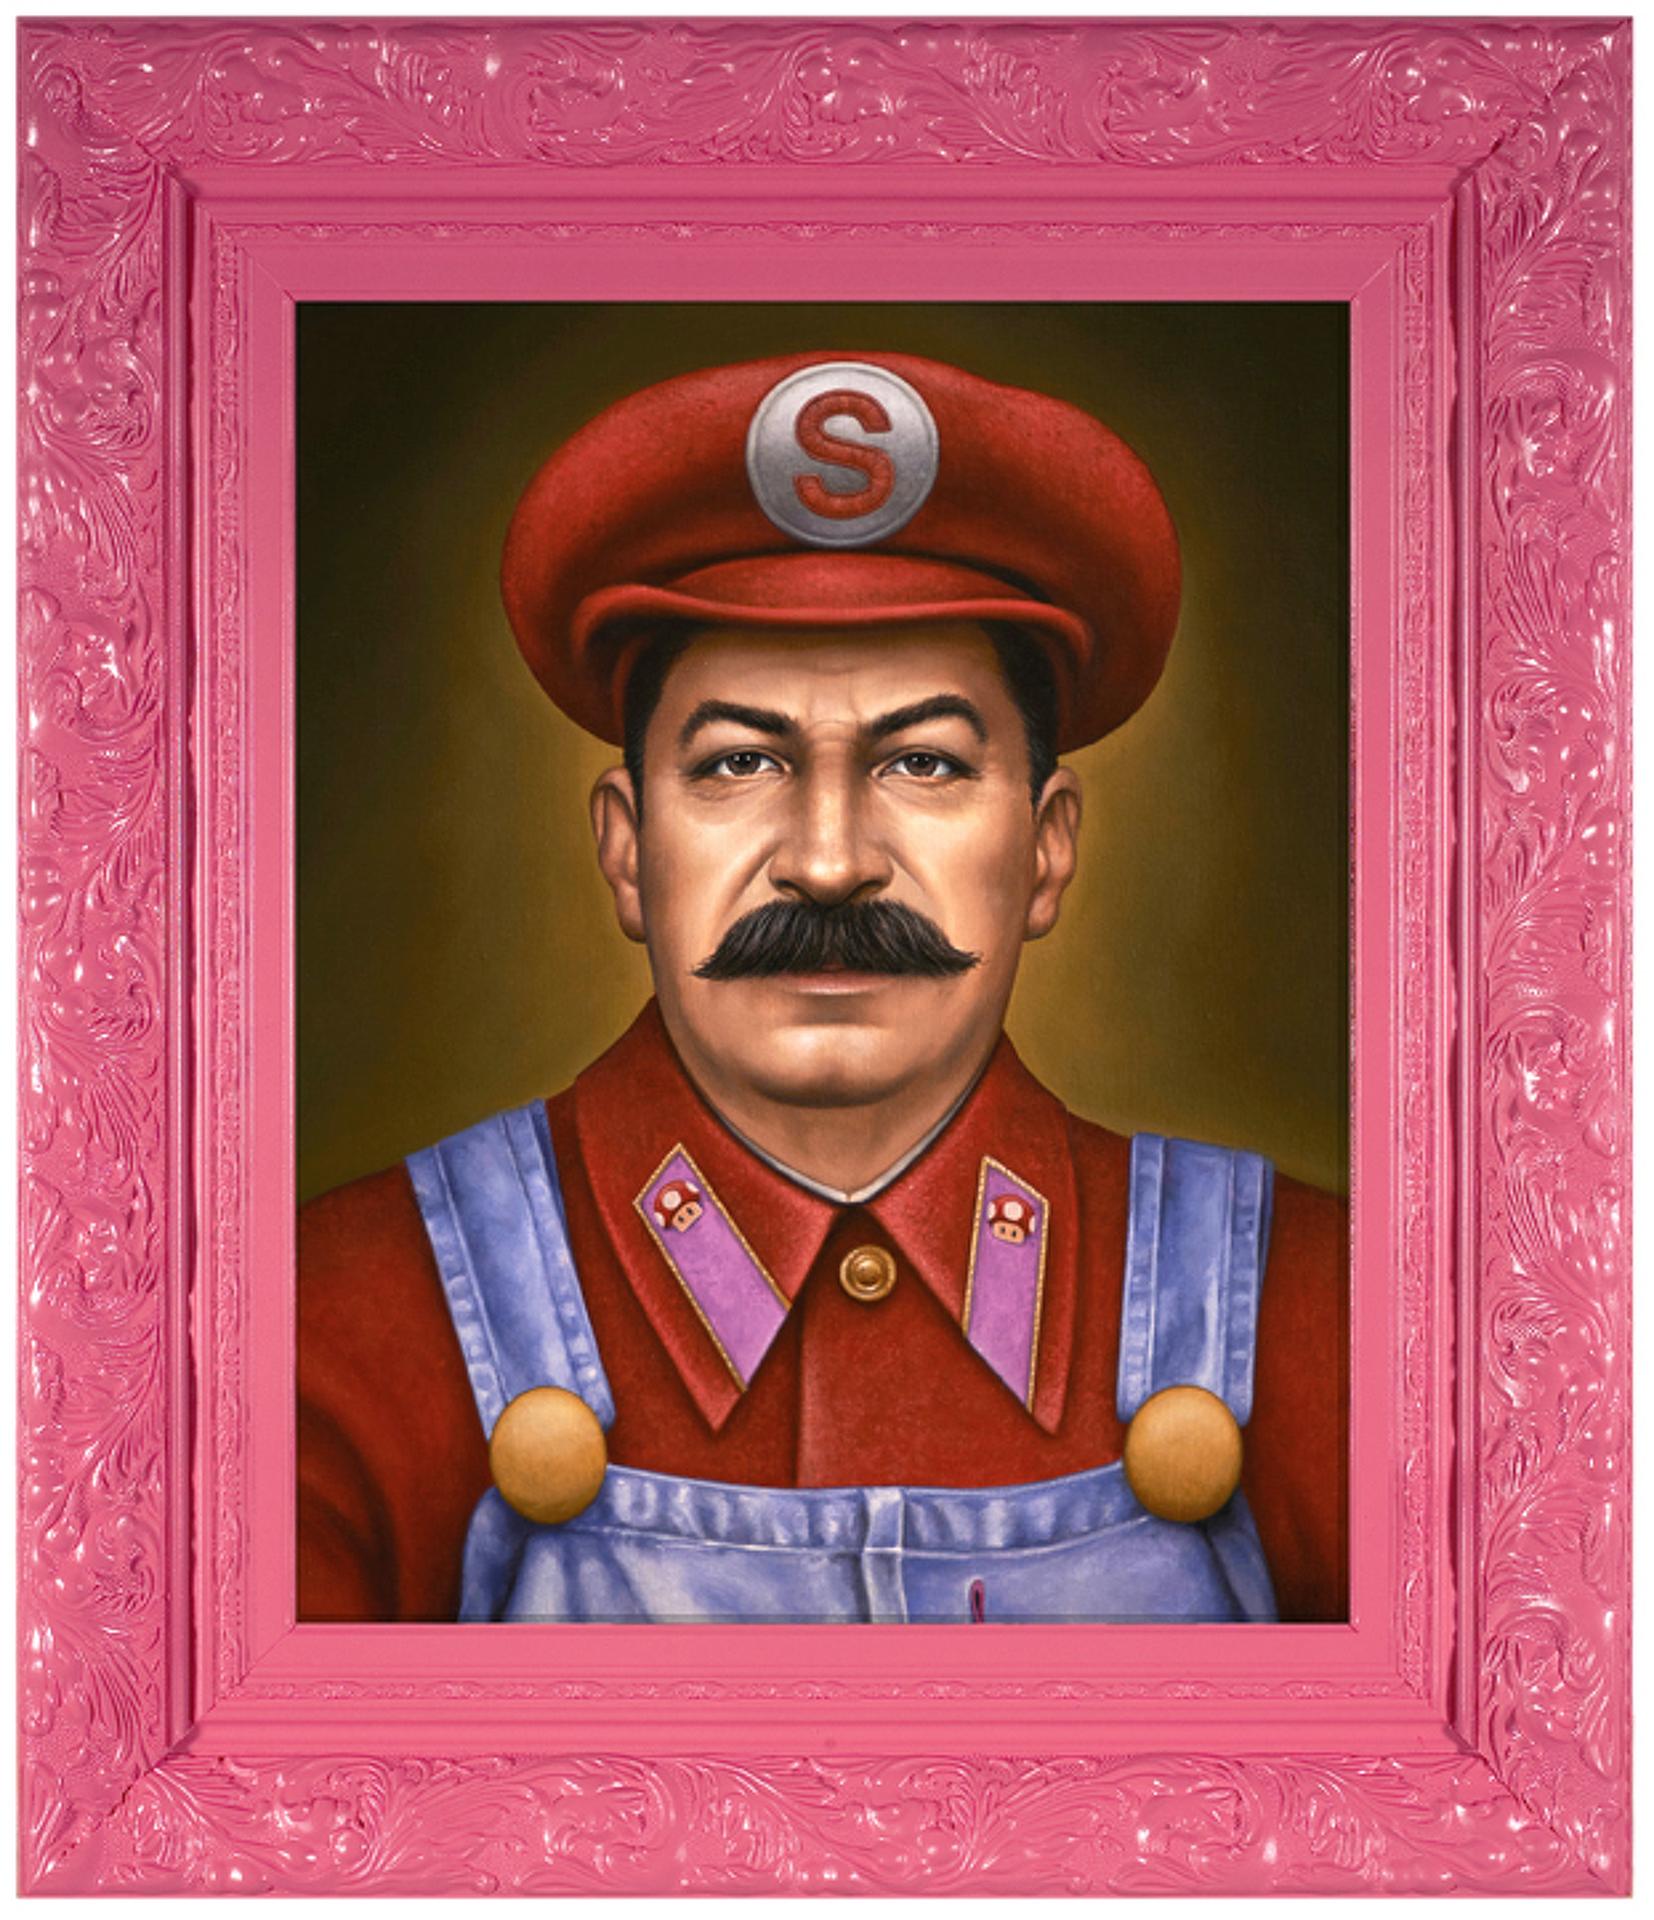 Super Stalin Bro.